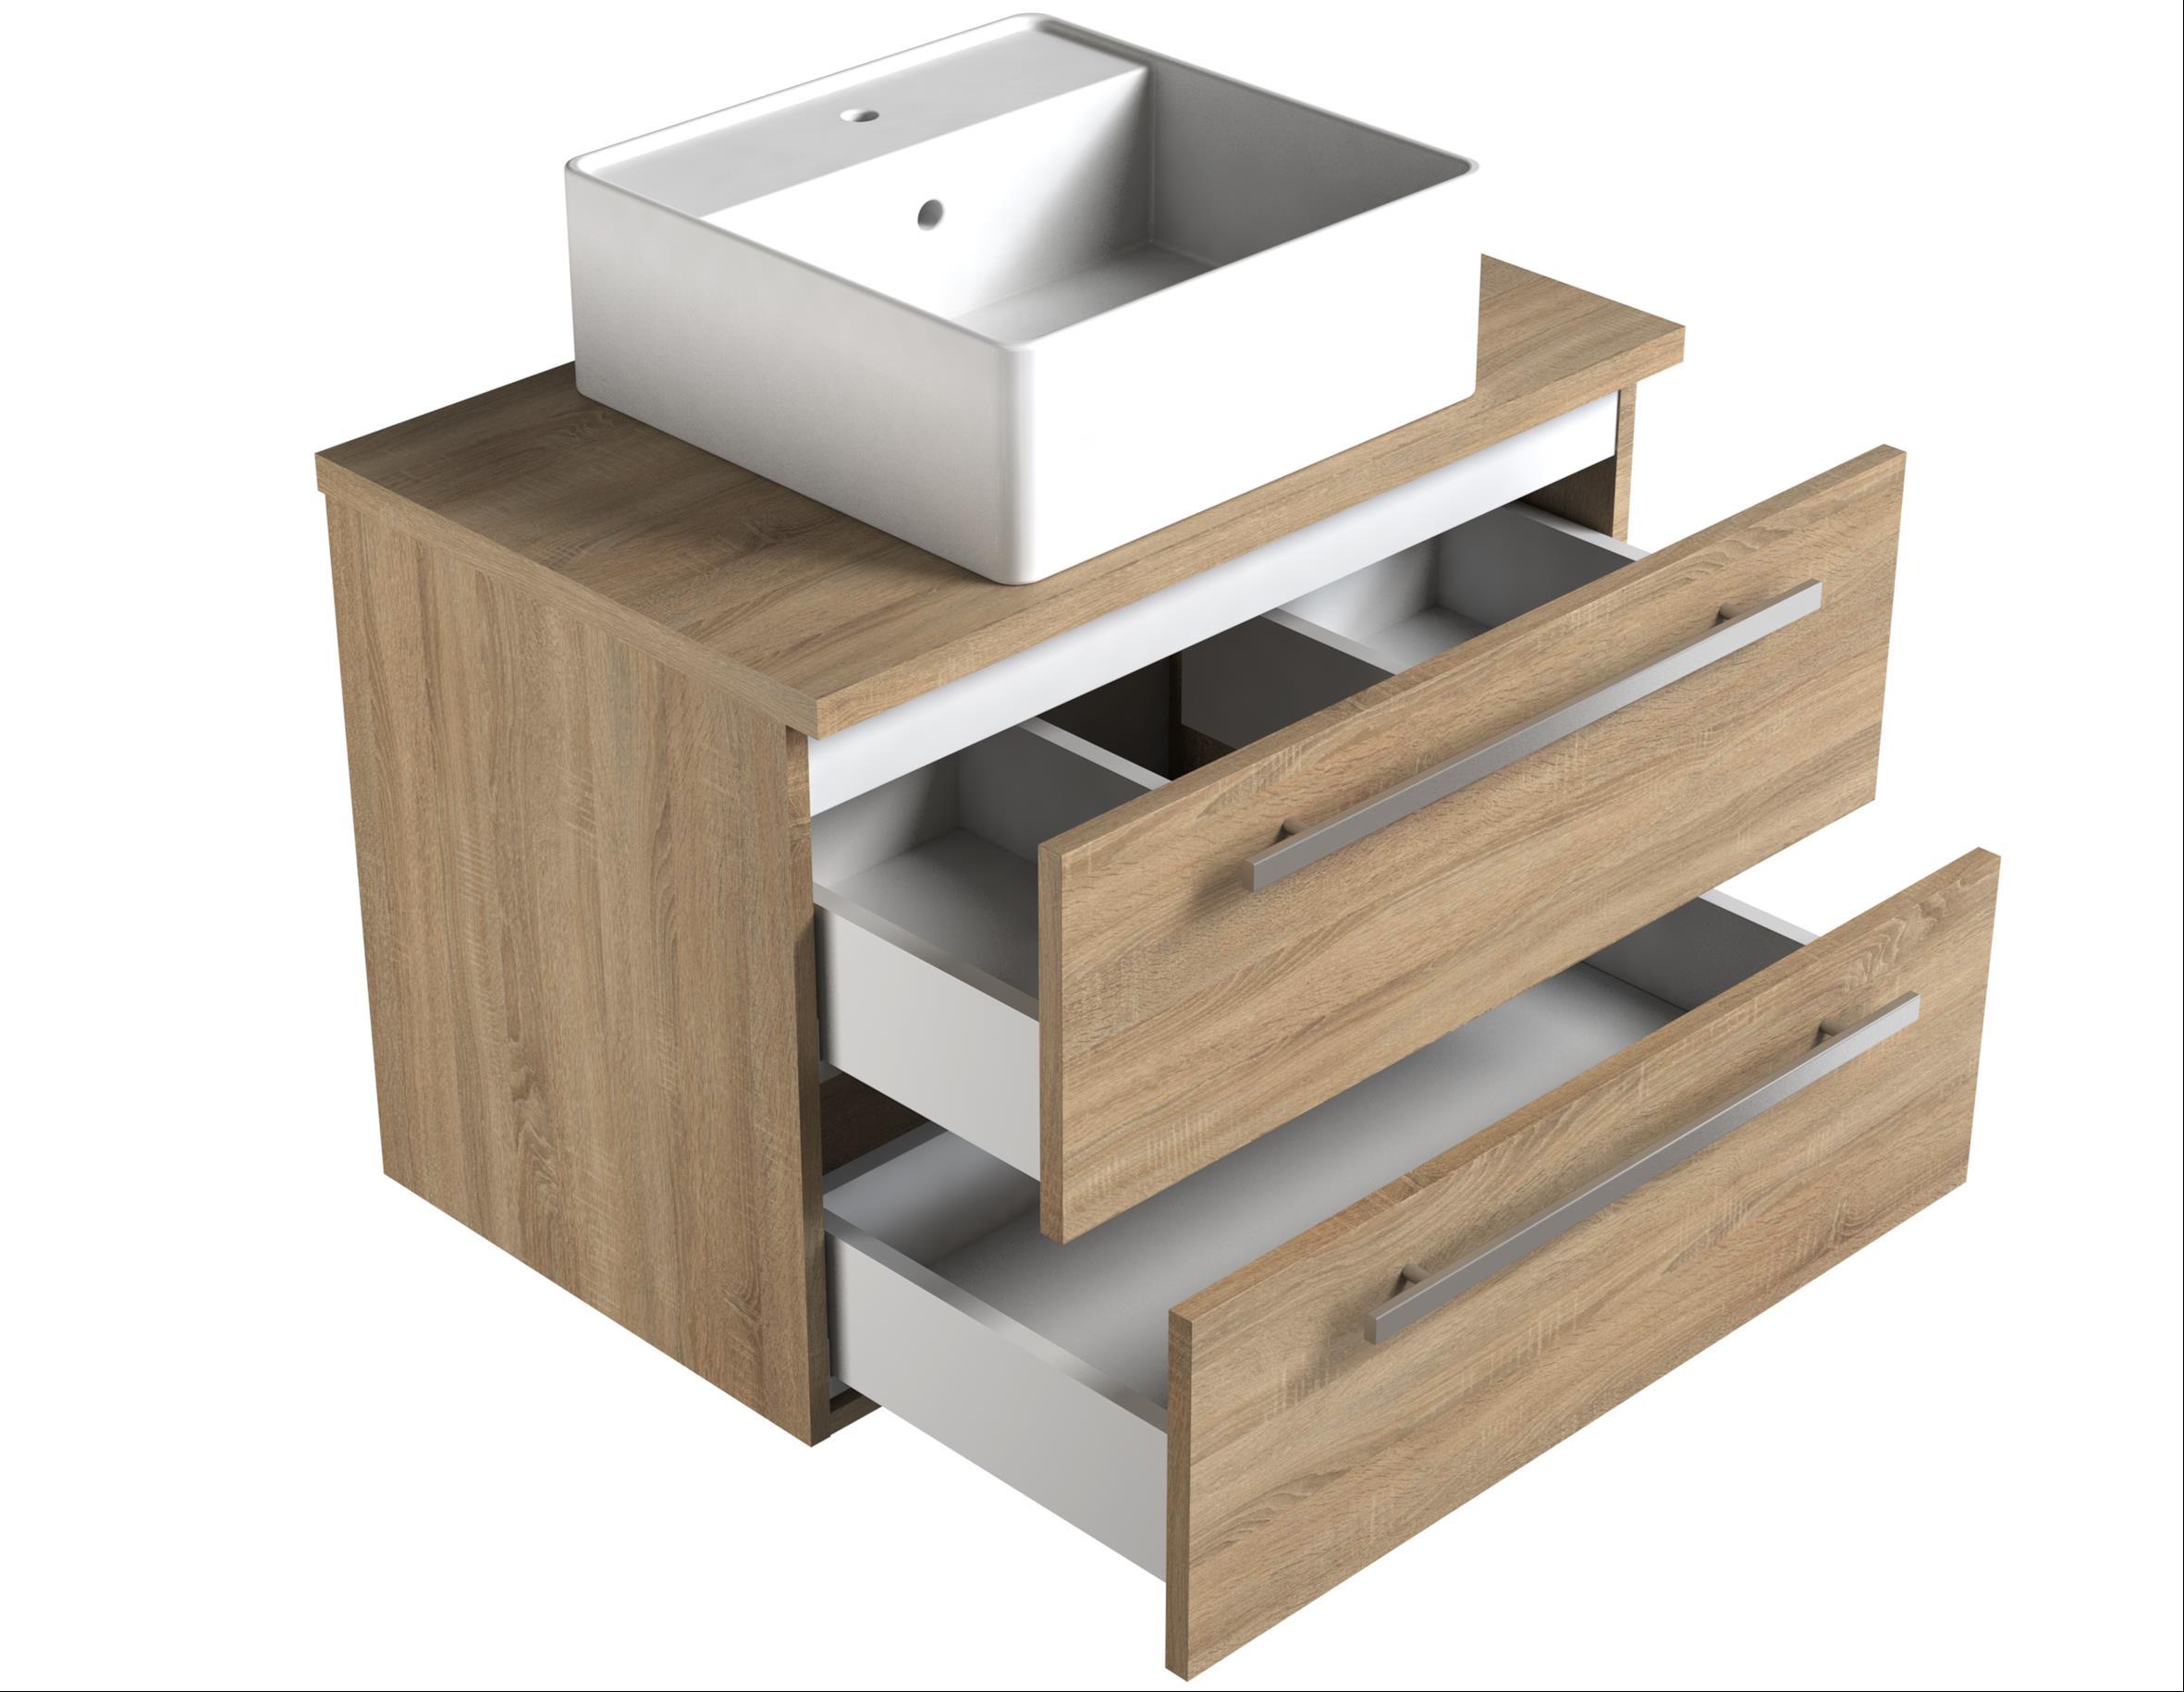 Bad Waschtischunterschrank mit Waschtischplatte und rundem Aufsatzbecken Serena 60 Weiß glänzend/Eiche bardolino Bild 3